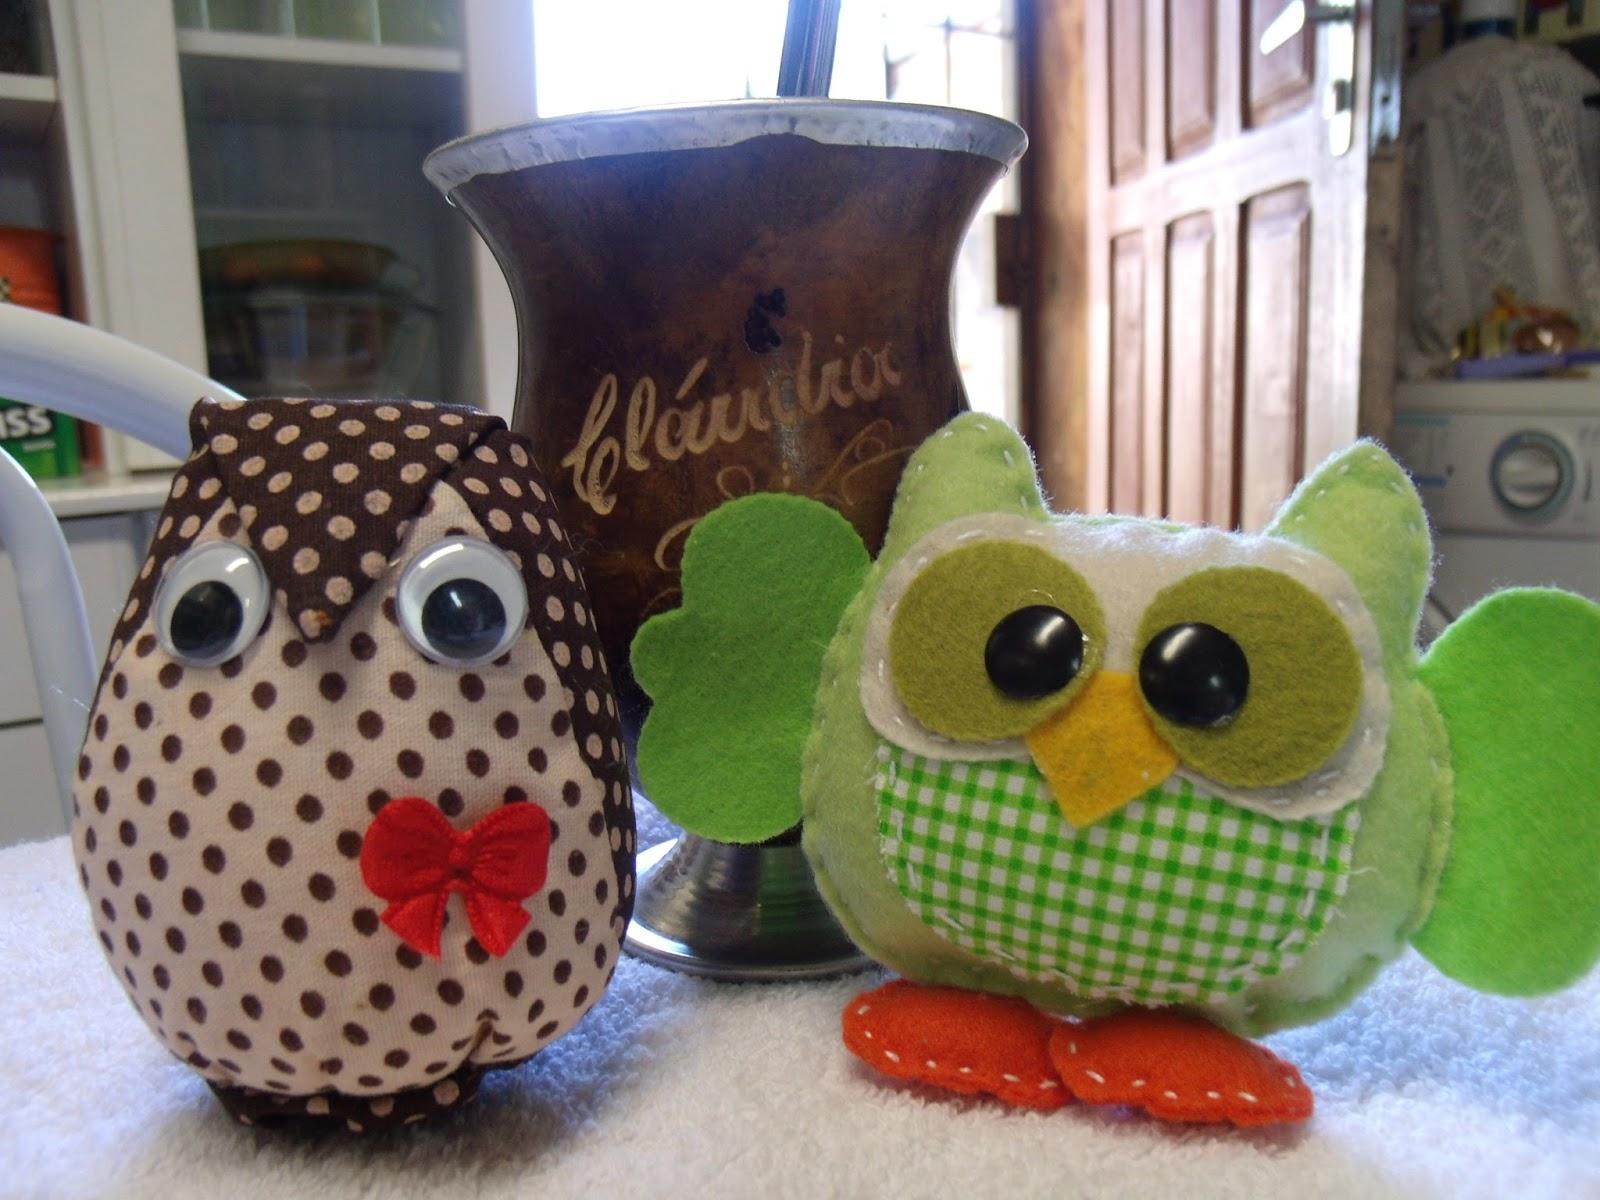 Adesivo Tema Festa Junina ~ Artesanato da Claudinha Sugestões de corujinhas para fazer seu Móbile,Peso de folha ou uma